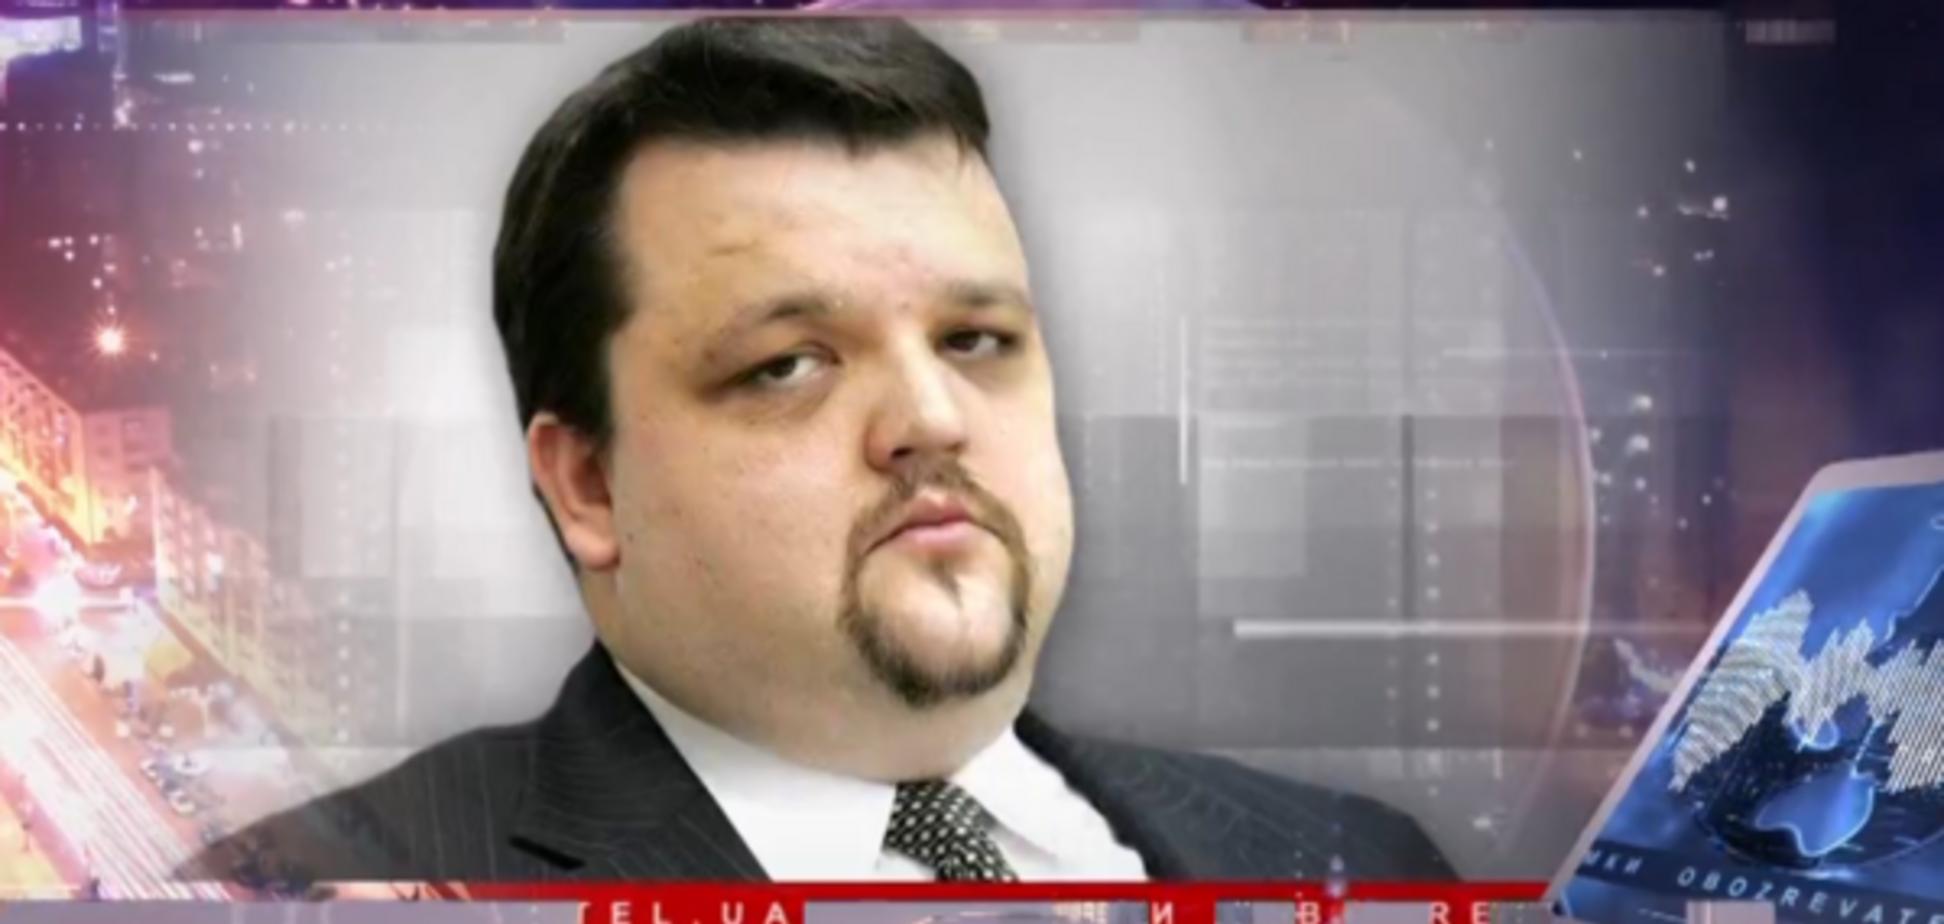 Инфляция в Украине: экономист рассказал, к чему готовиться